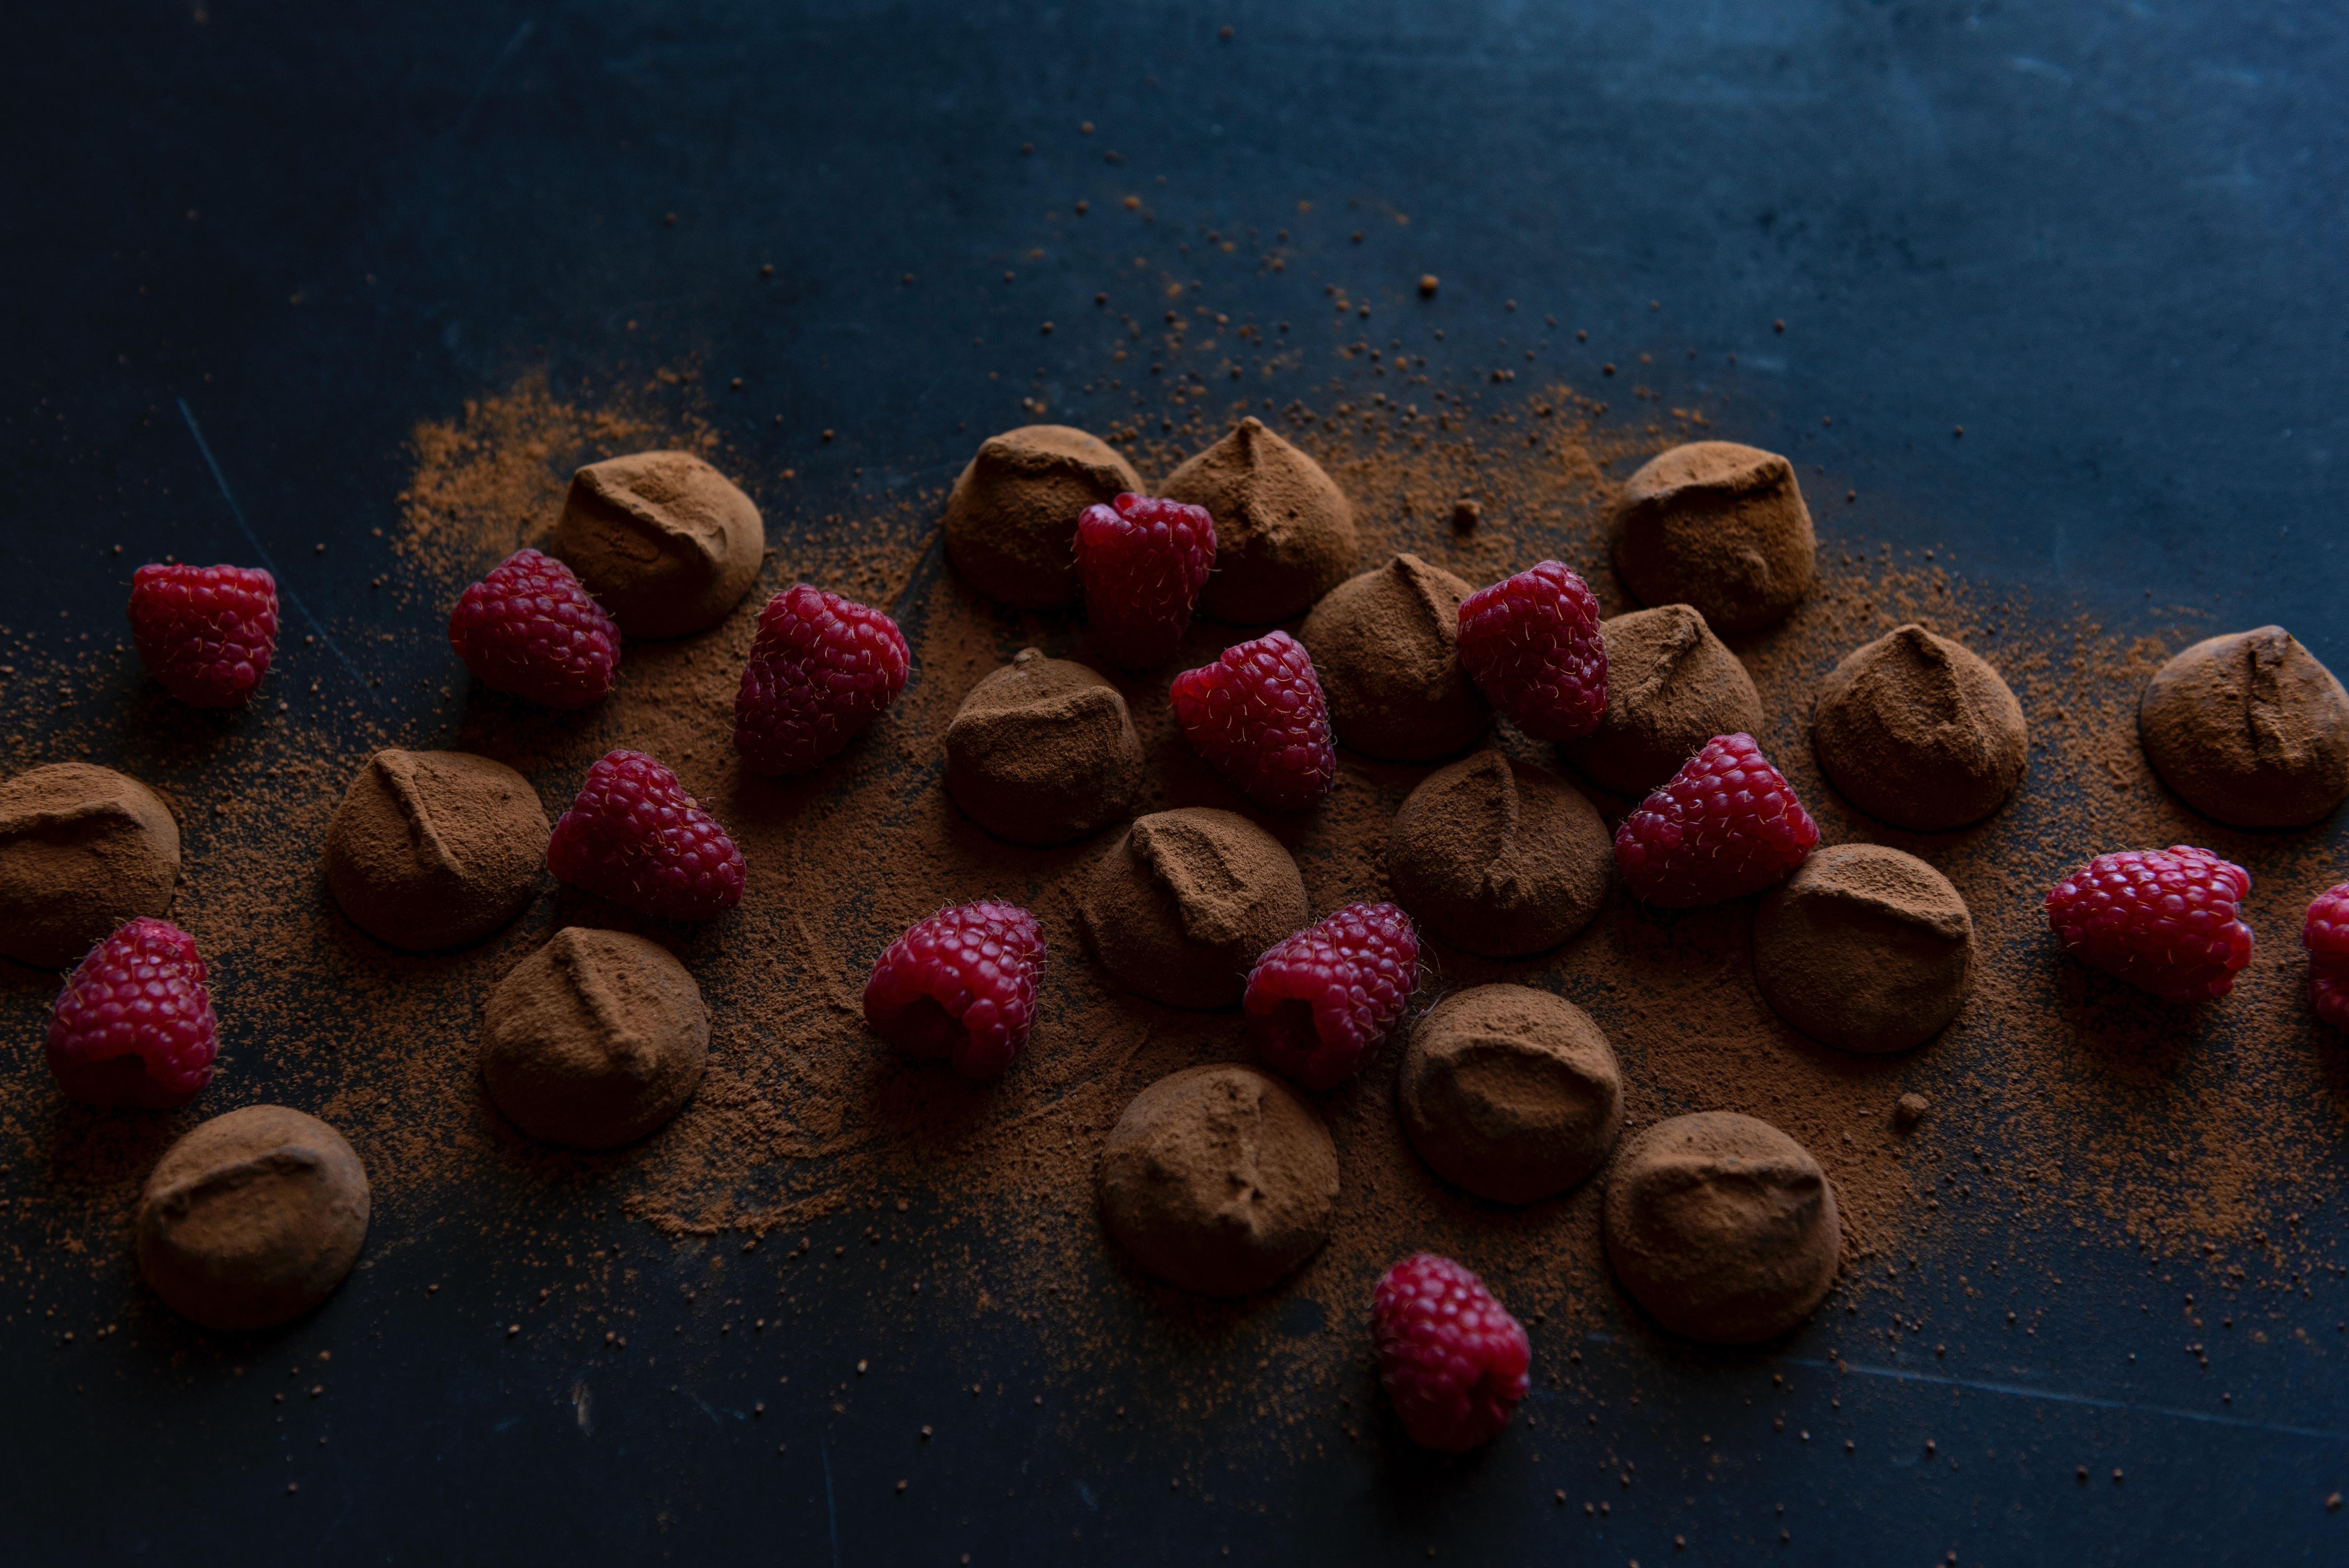 cioccolato gusti particolari.jpg